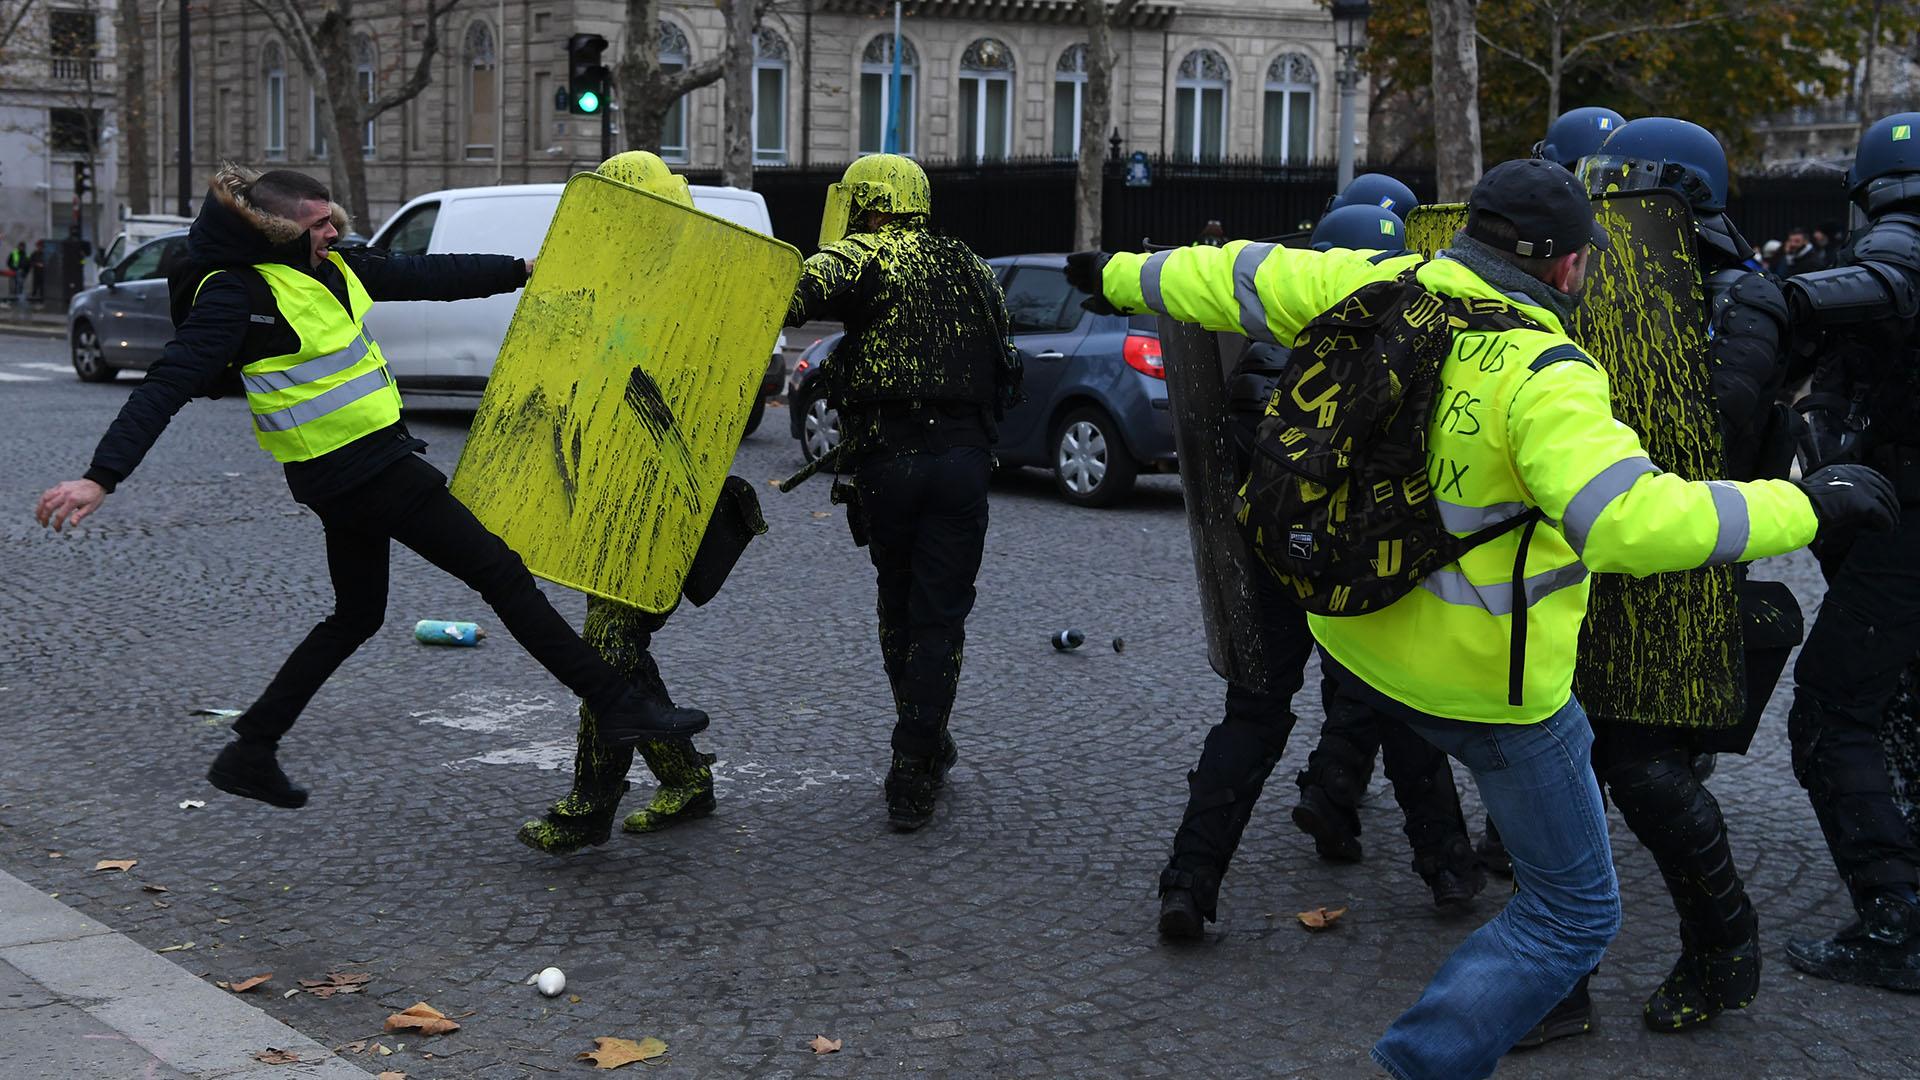 Los manifestantes chocaron con la policía (Alain JOCARD / AFP)